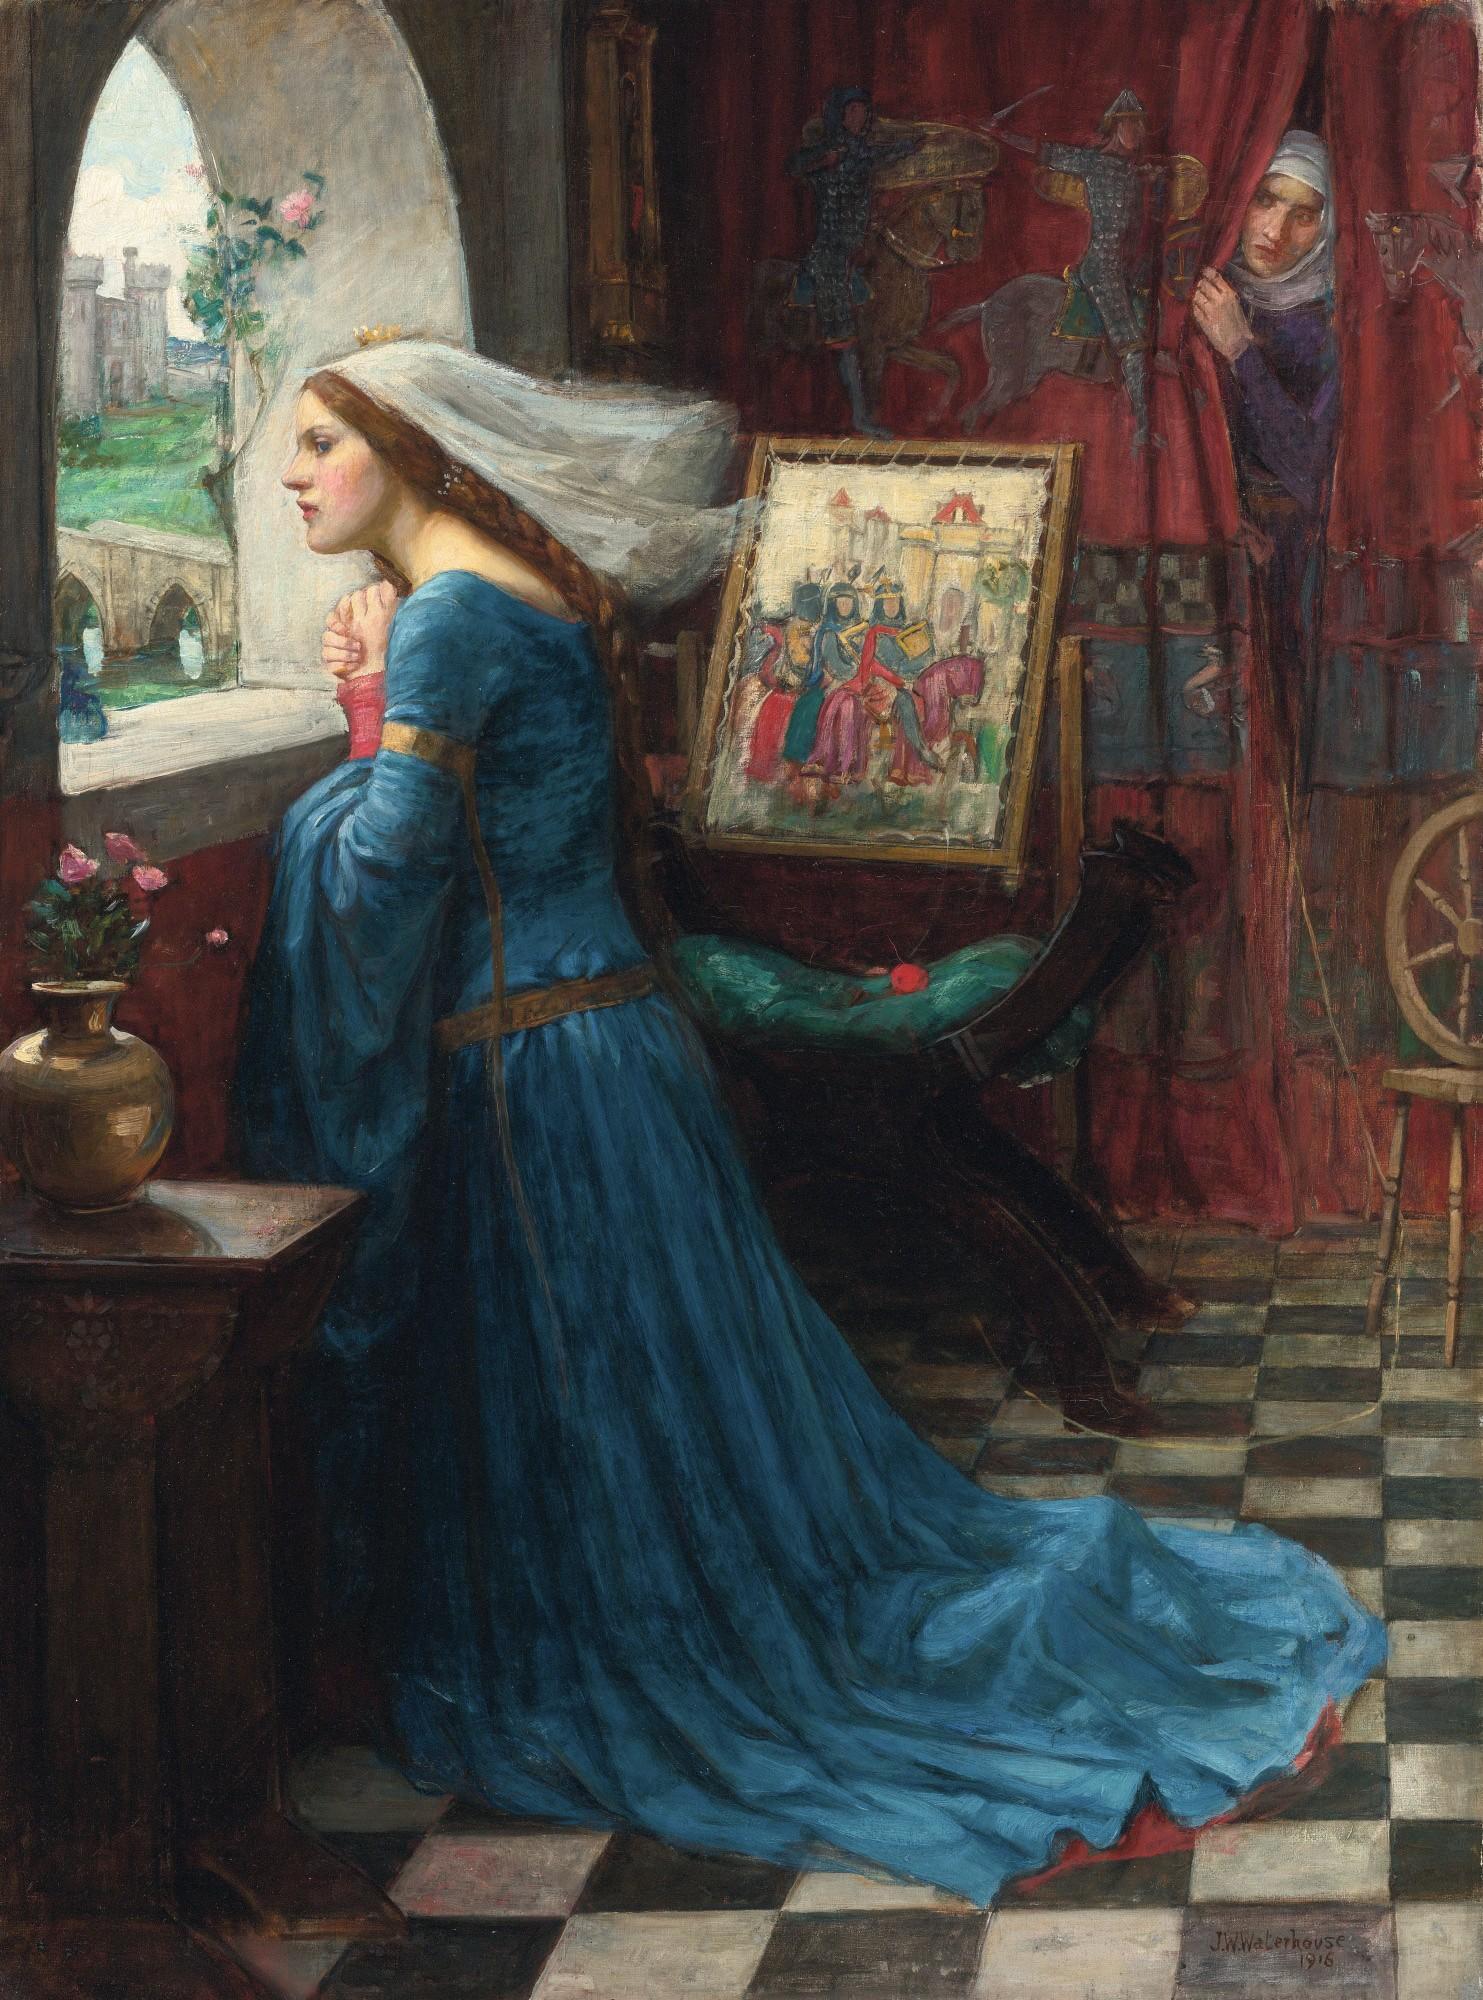 John Waterhouse, La Belle Rosemonde, huile sur toile, 1916, musée national du Pays de Galles.